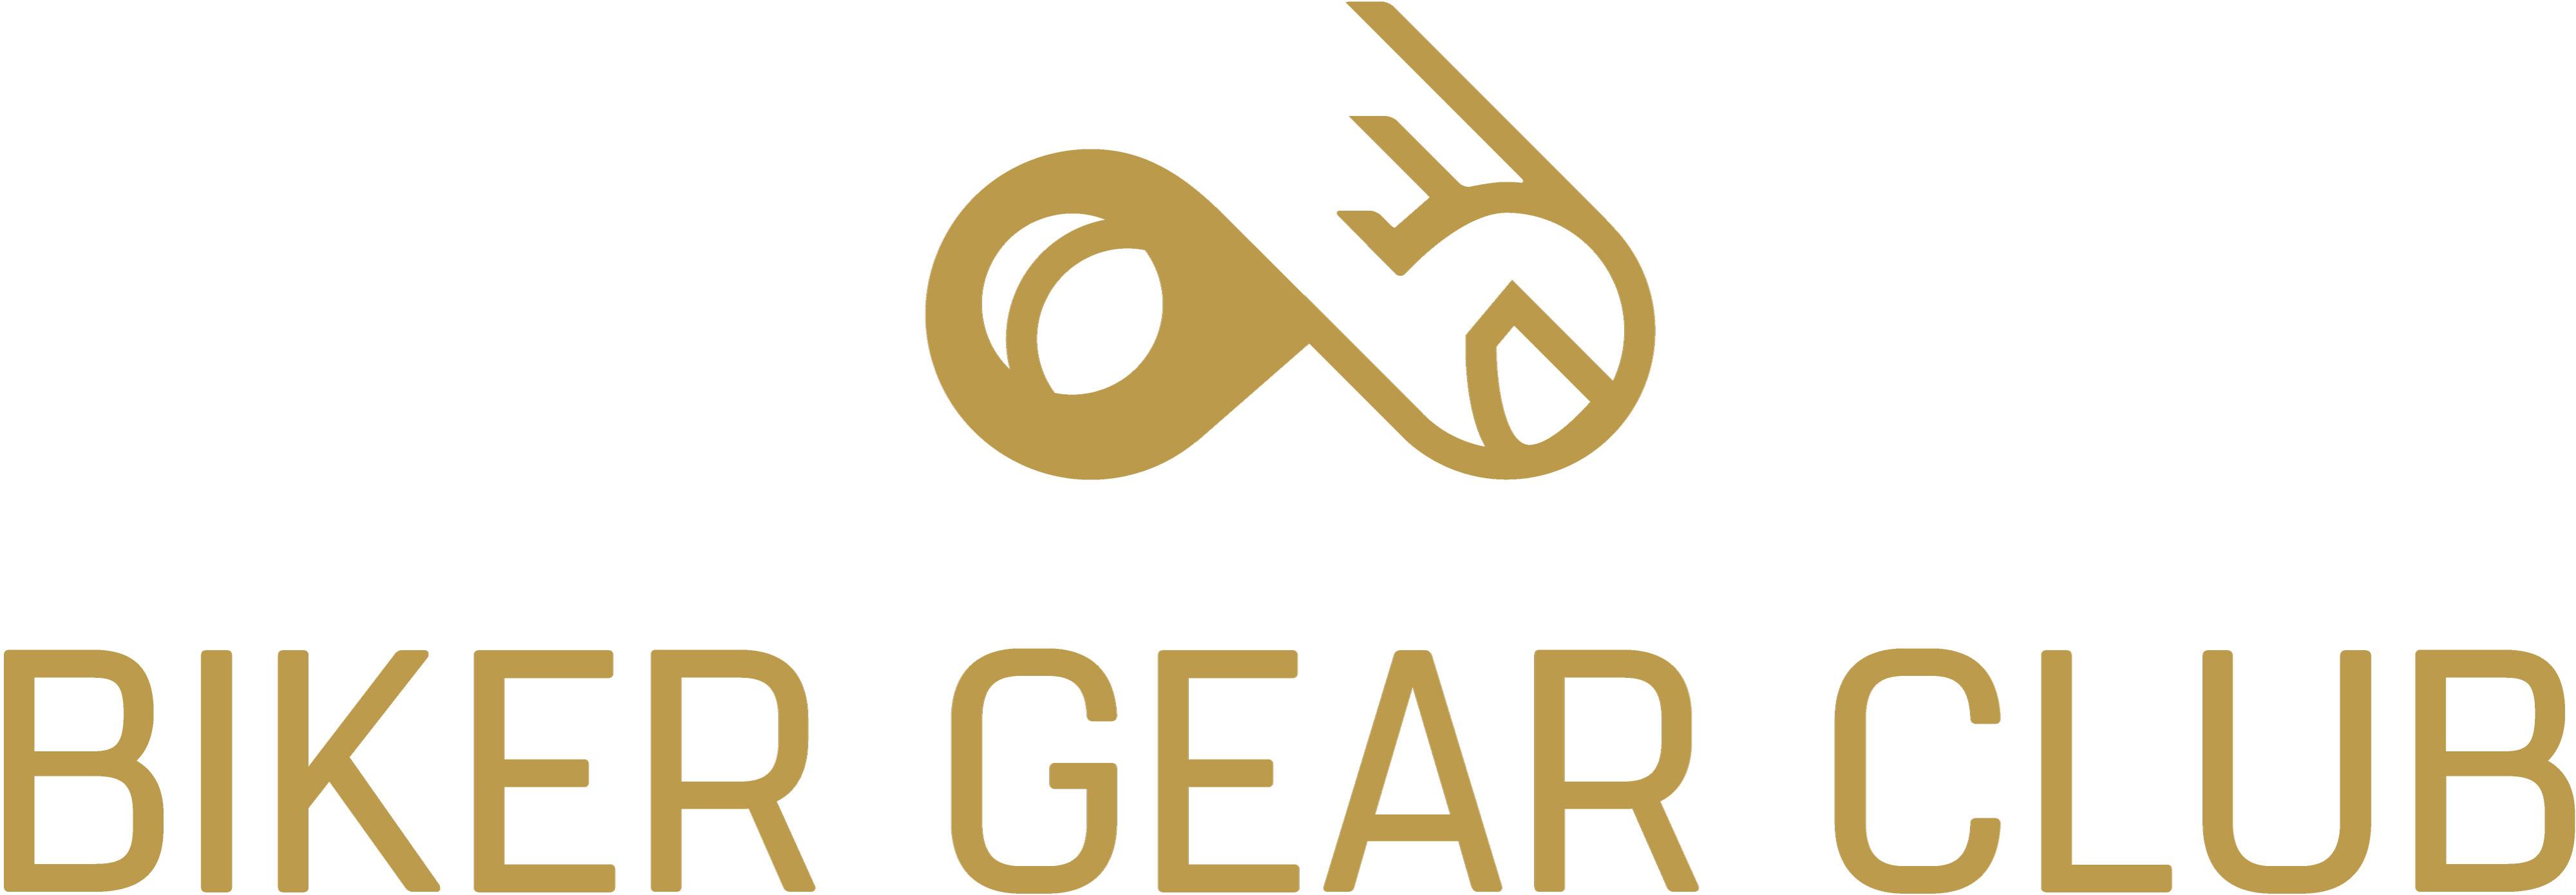 Biker Gear Club